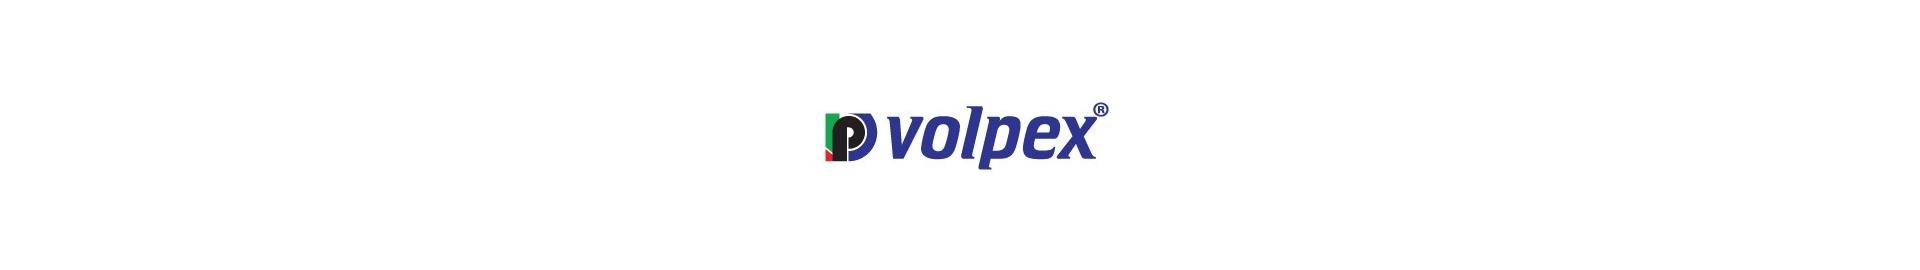 Produkty Volpex – odzież, urządzenia, kawa | Sklep Volpex